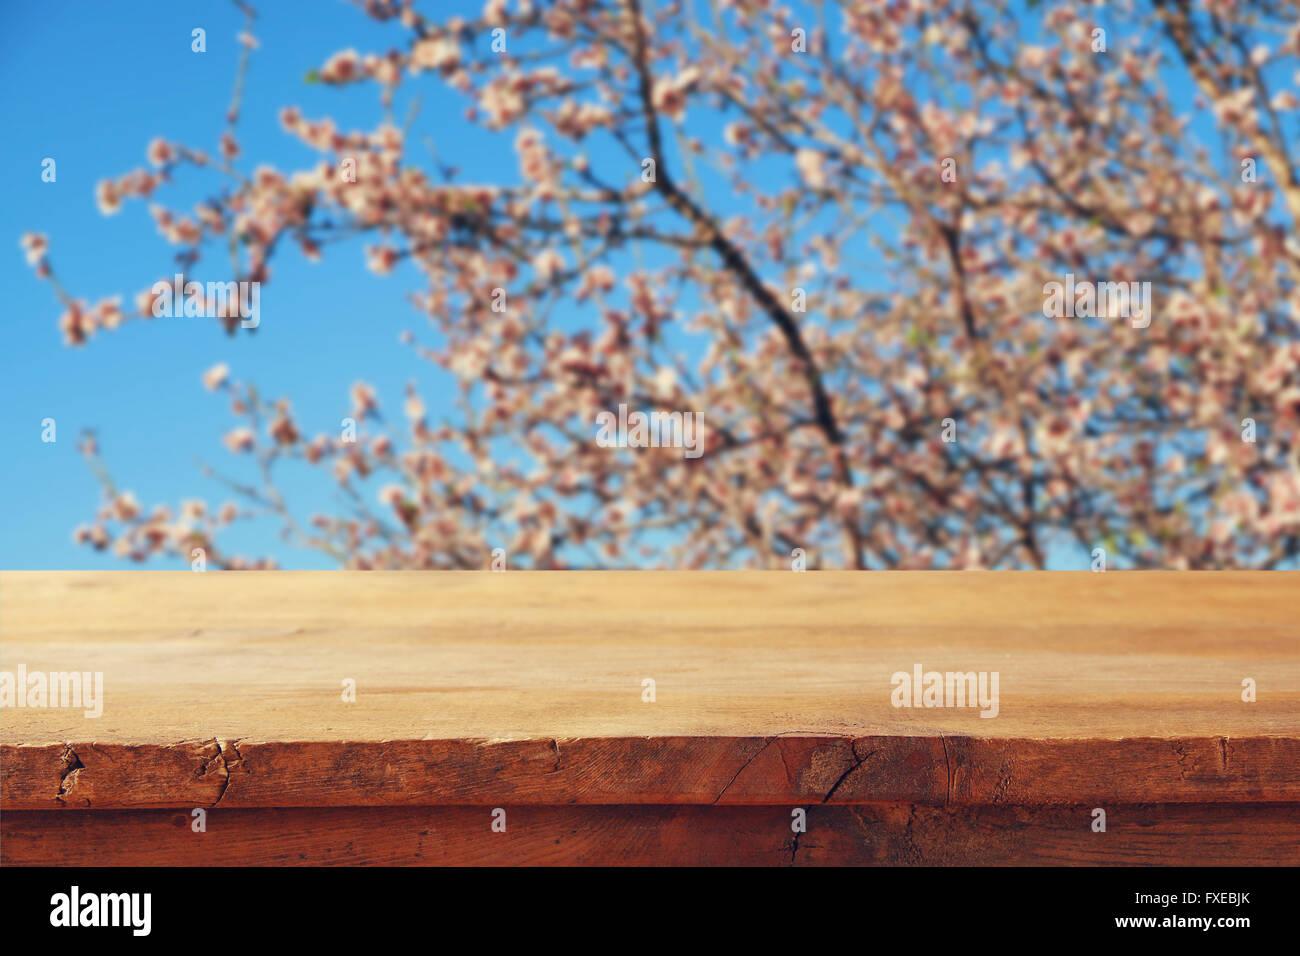 Rustico in legno tavolo di fronte a molla bianco fiori di ciliegio albero. vintage immagine filtrata. display del Immagini Stock